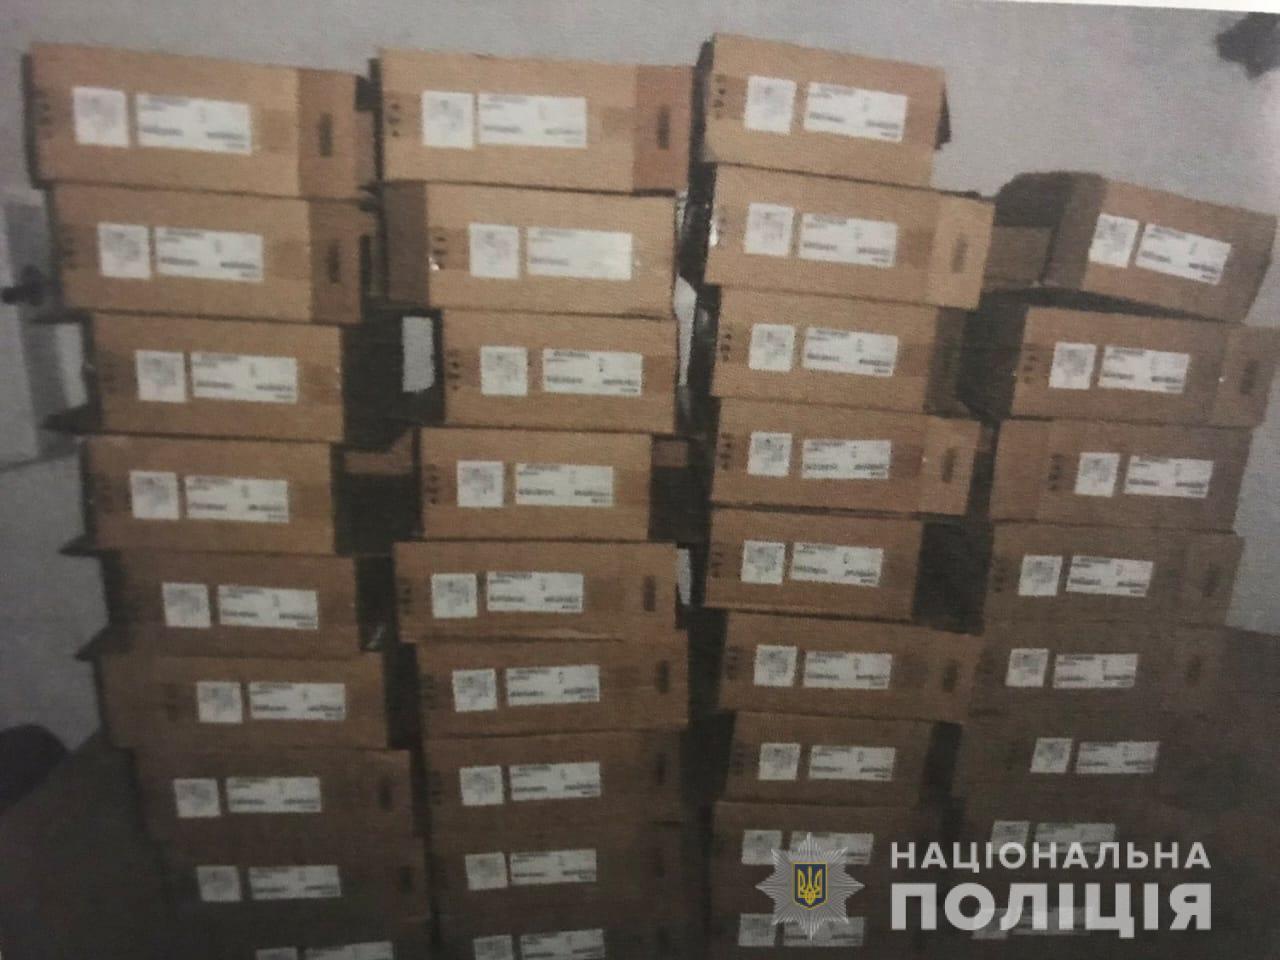 Подсобного рабочего подозревают в воровстве компьютеров со склада предприятия на Харьковщине